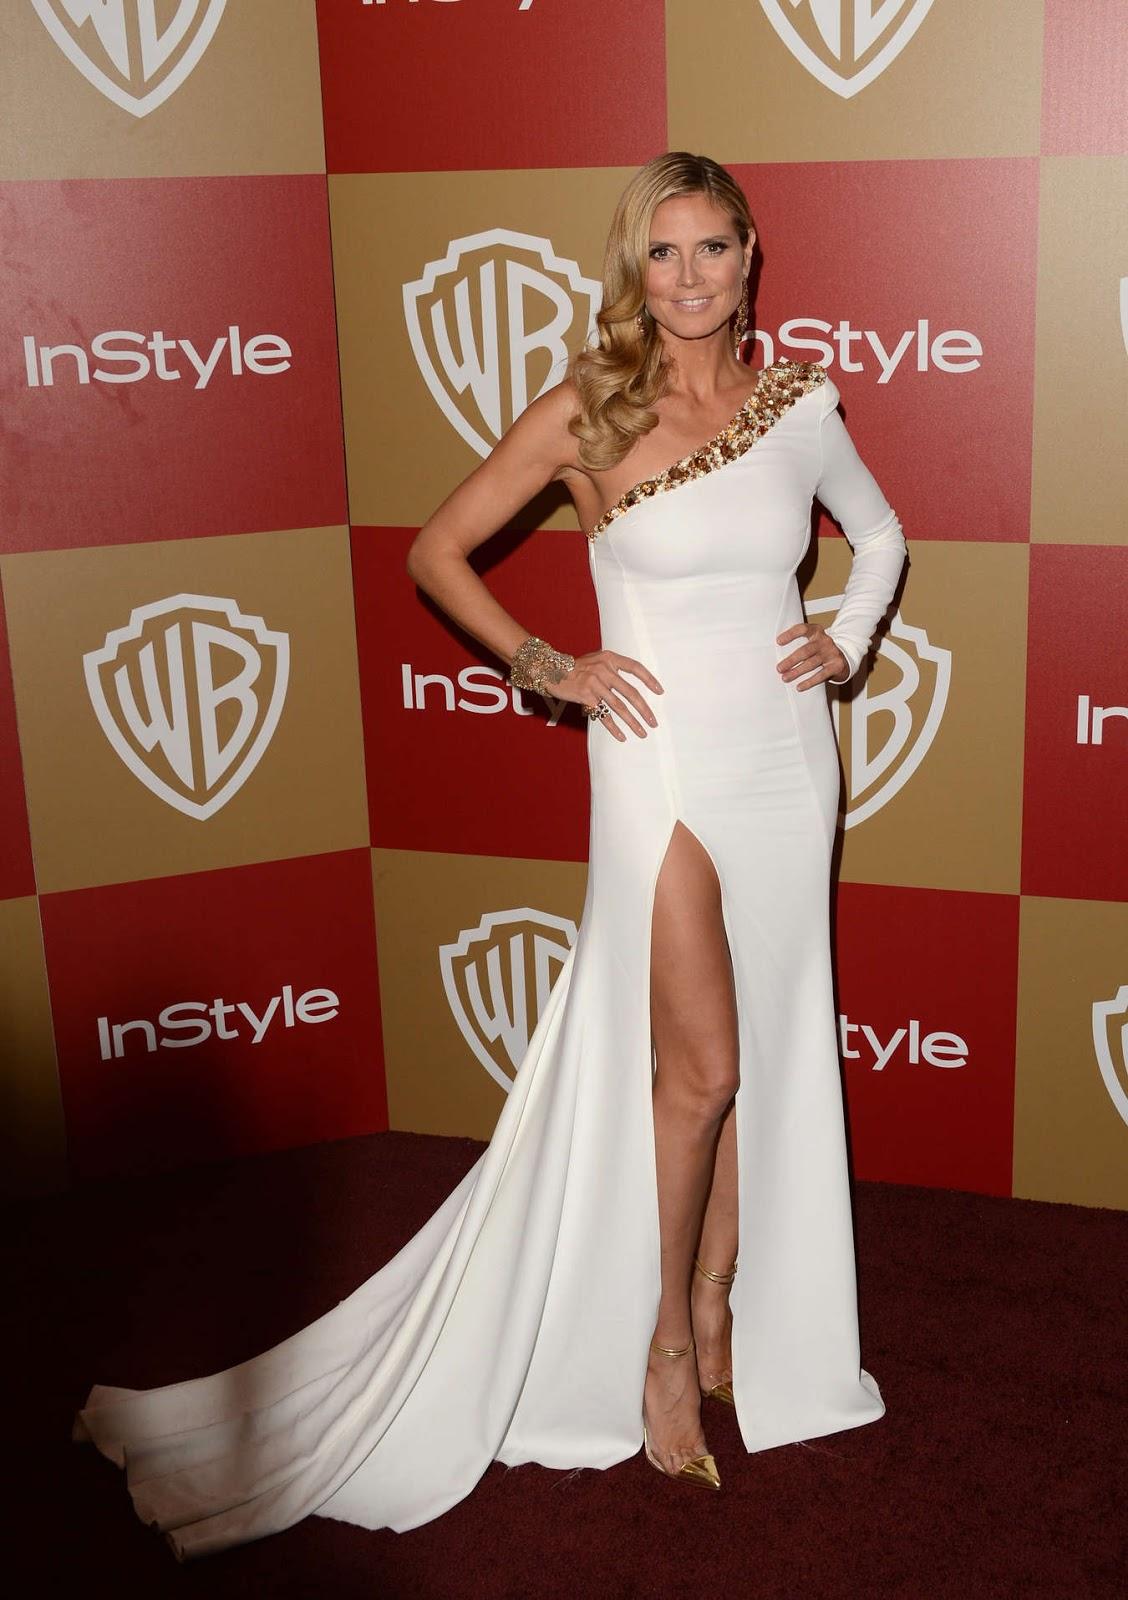 Hot Bio Celebrity Pictures Heidi Klum Images 2013